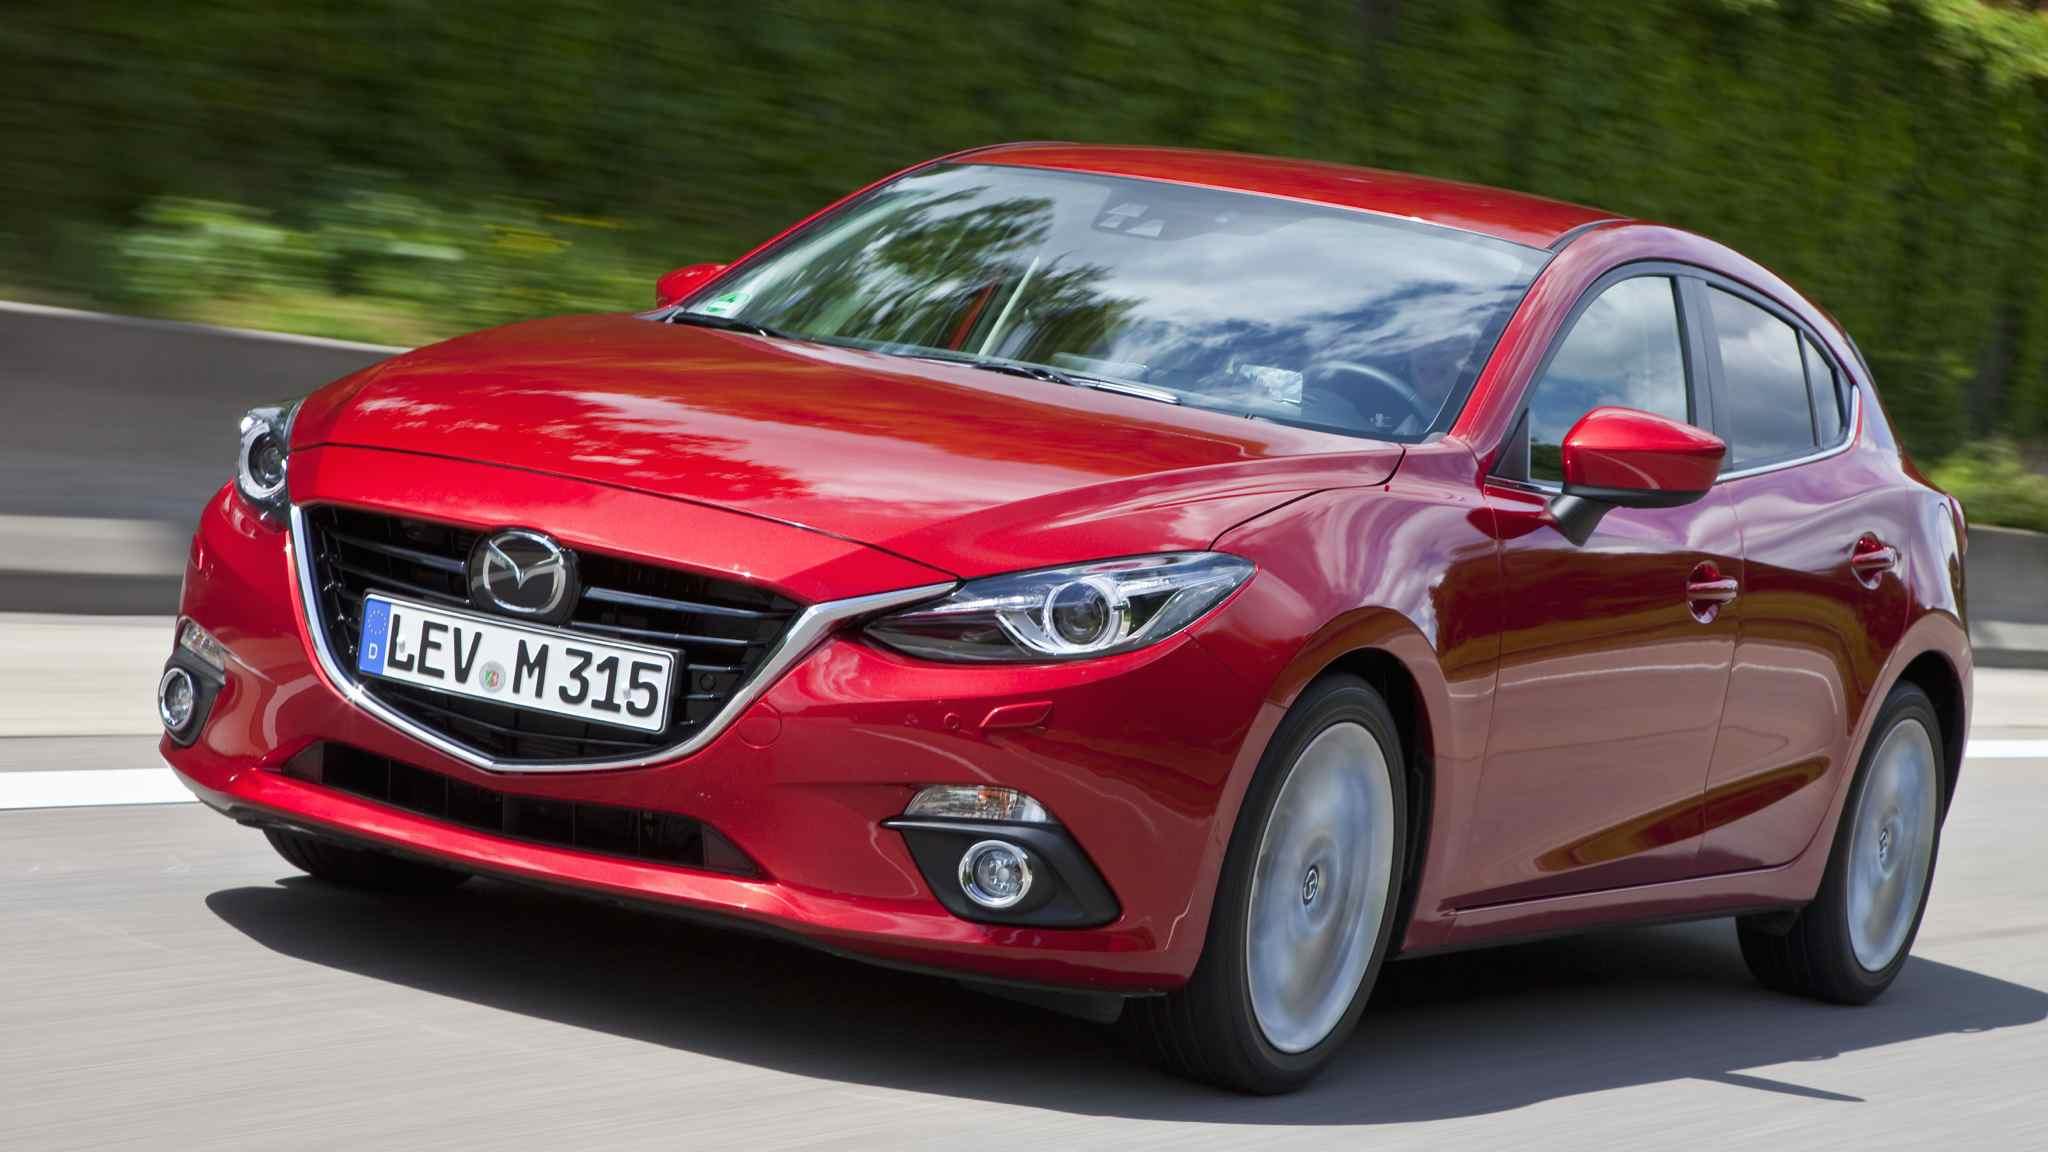 Neuer Mazda 3 mit Skyactive Technologie